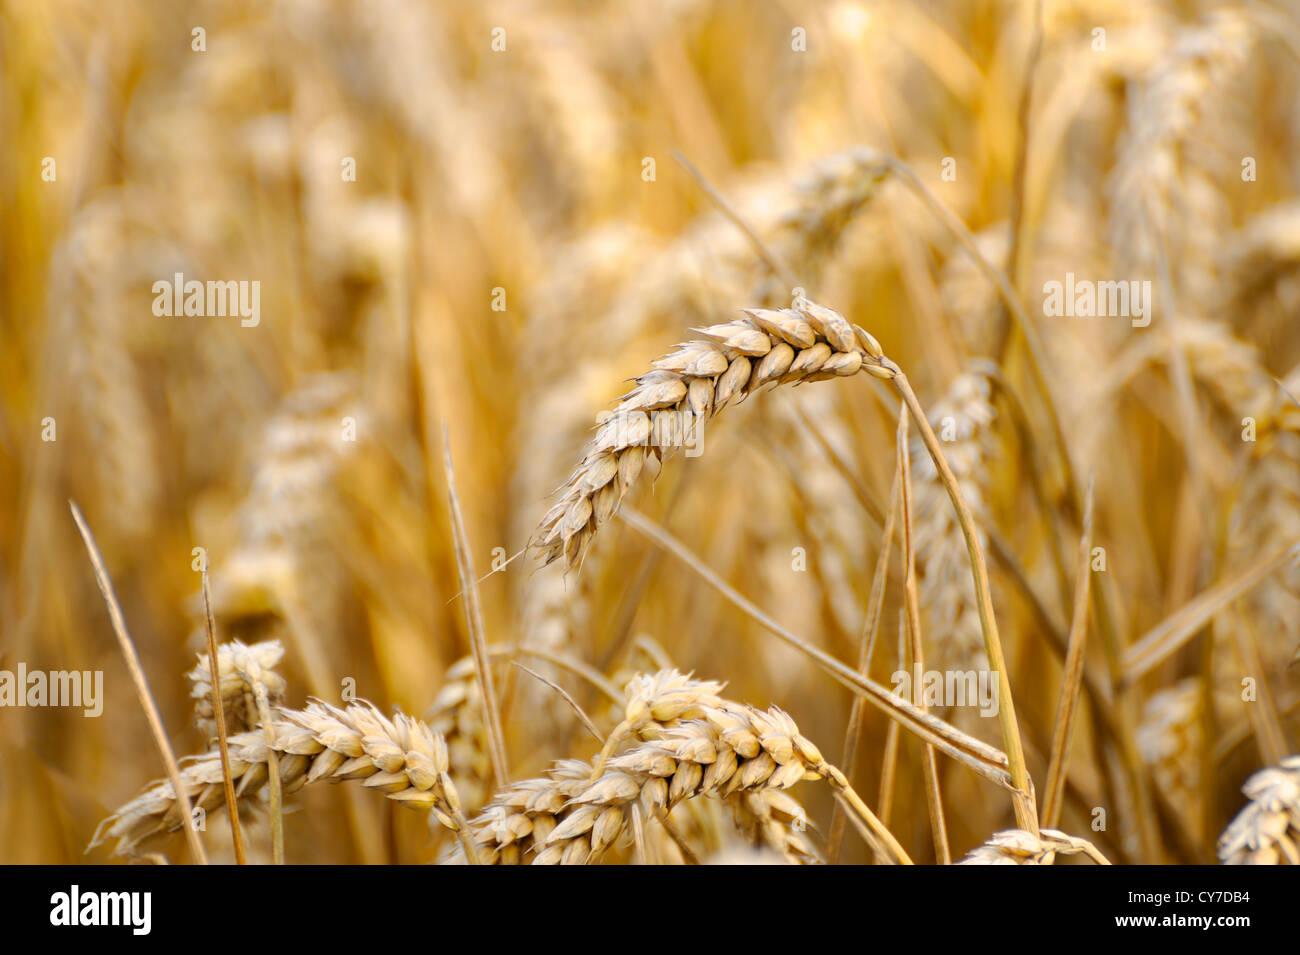 Cultivo de trigo en un campo , ÚNICA OREJA o tallos de trigo Imagen De Stock